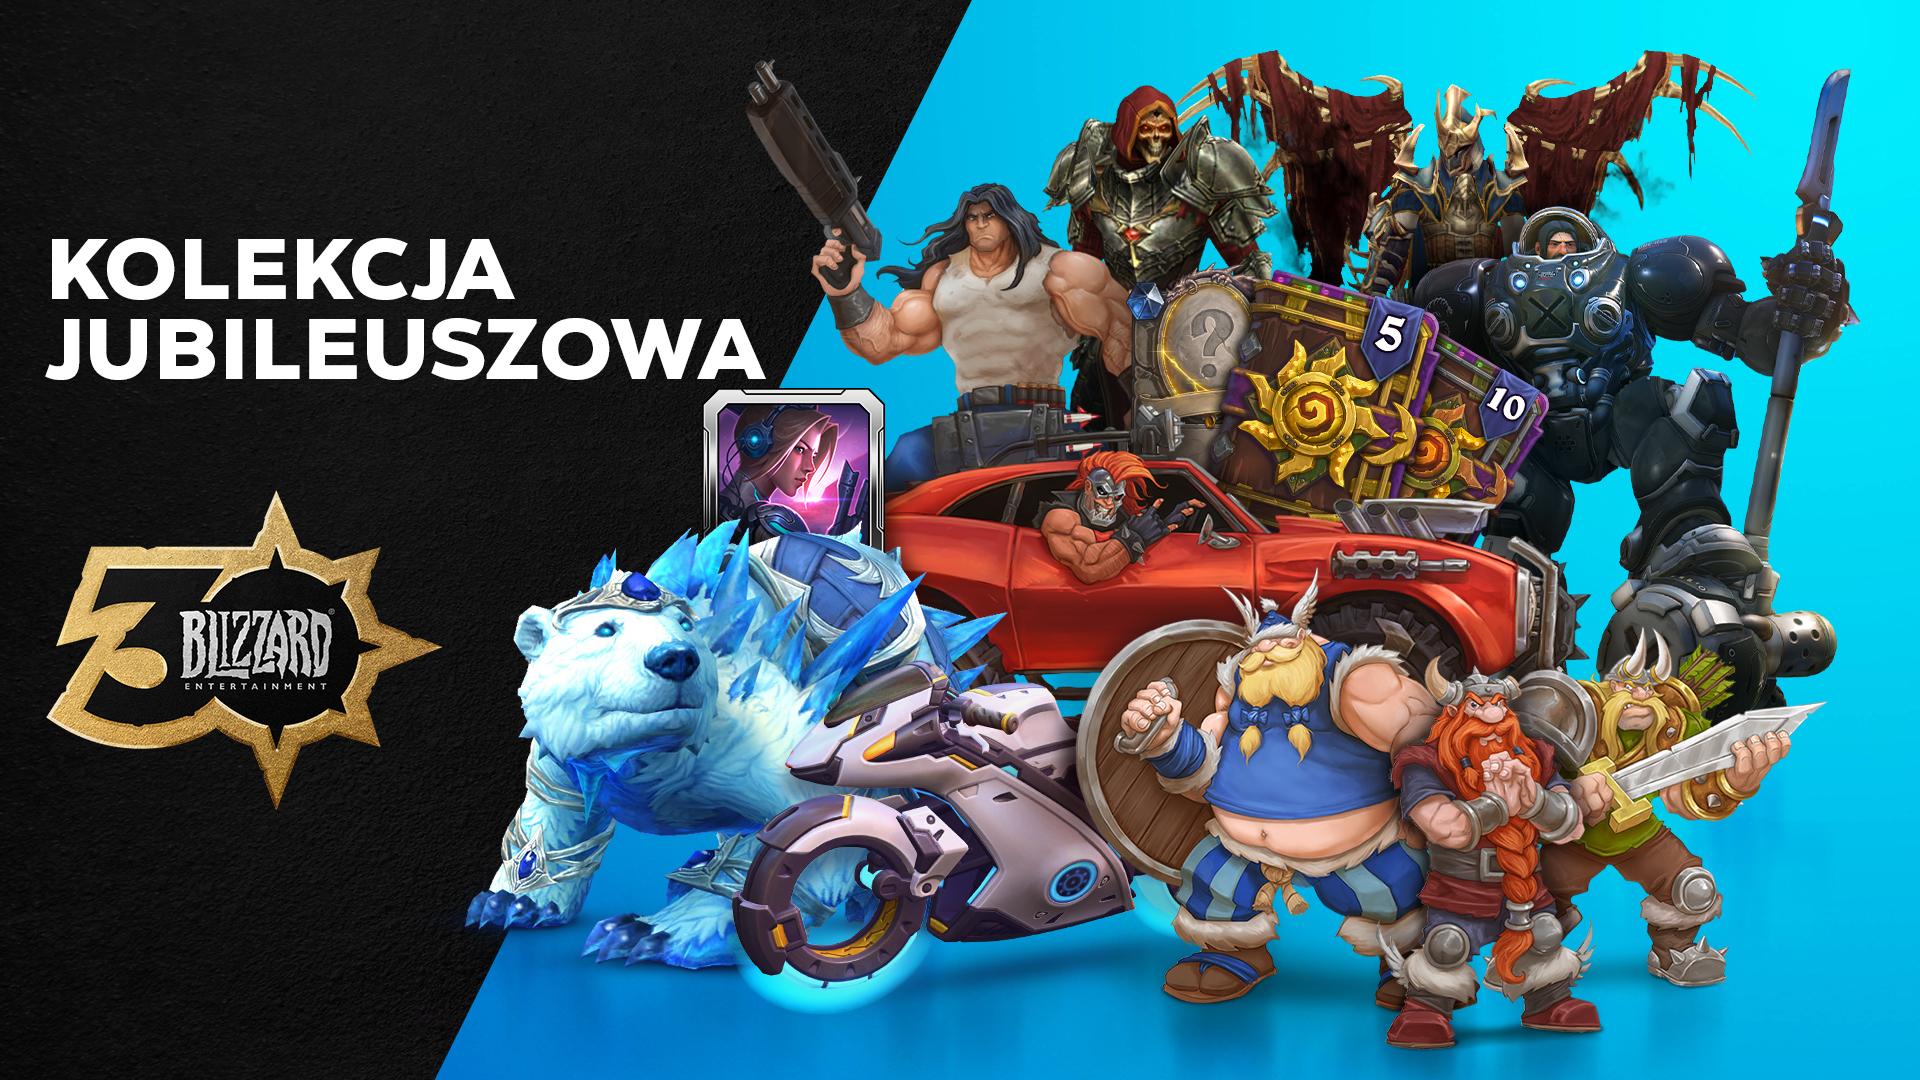 Uczcijcie 30 rocznicę Blizzard® z Kolekcją Jubileuszową